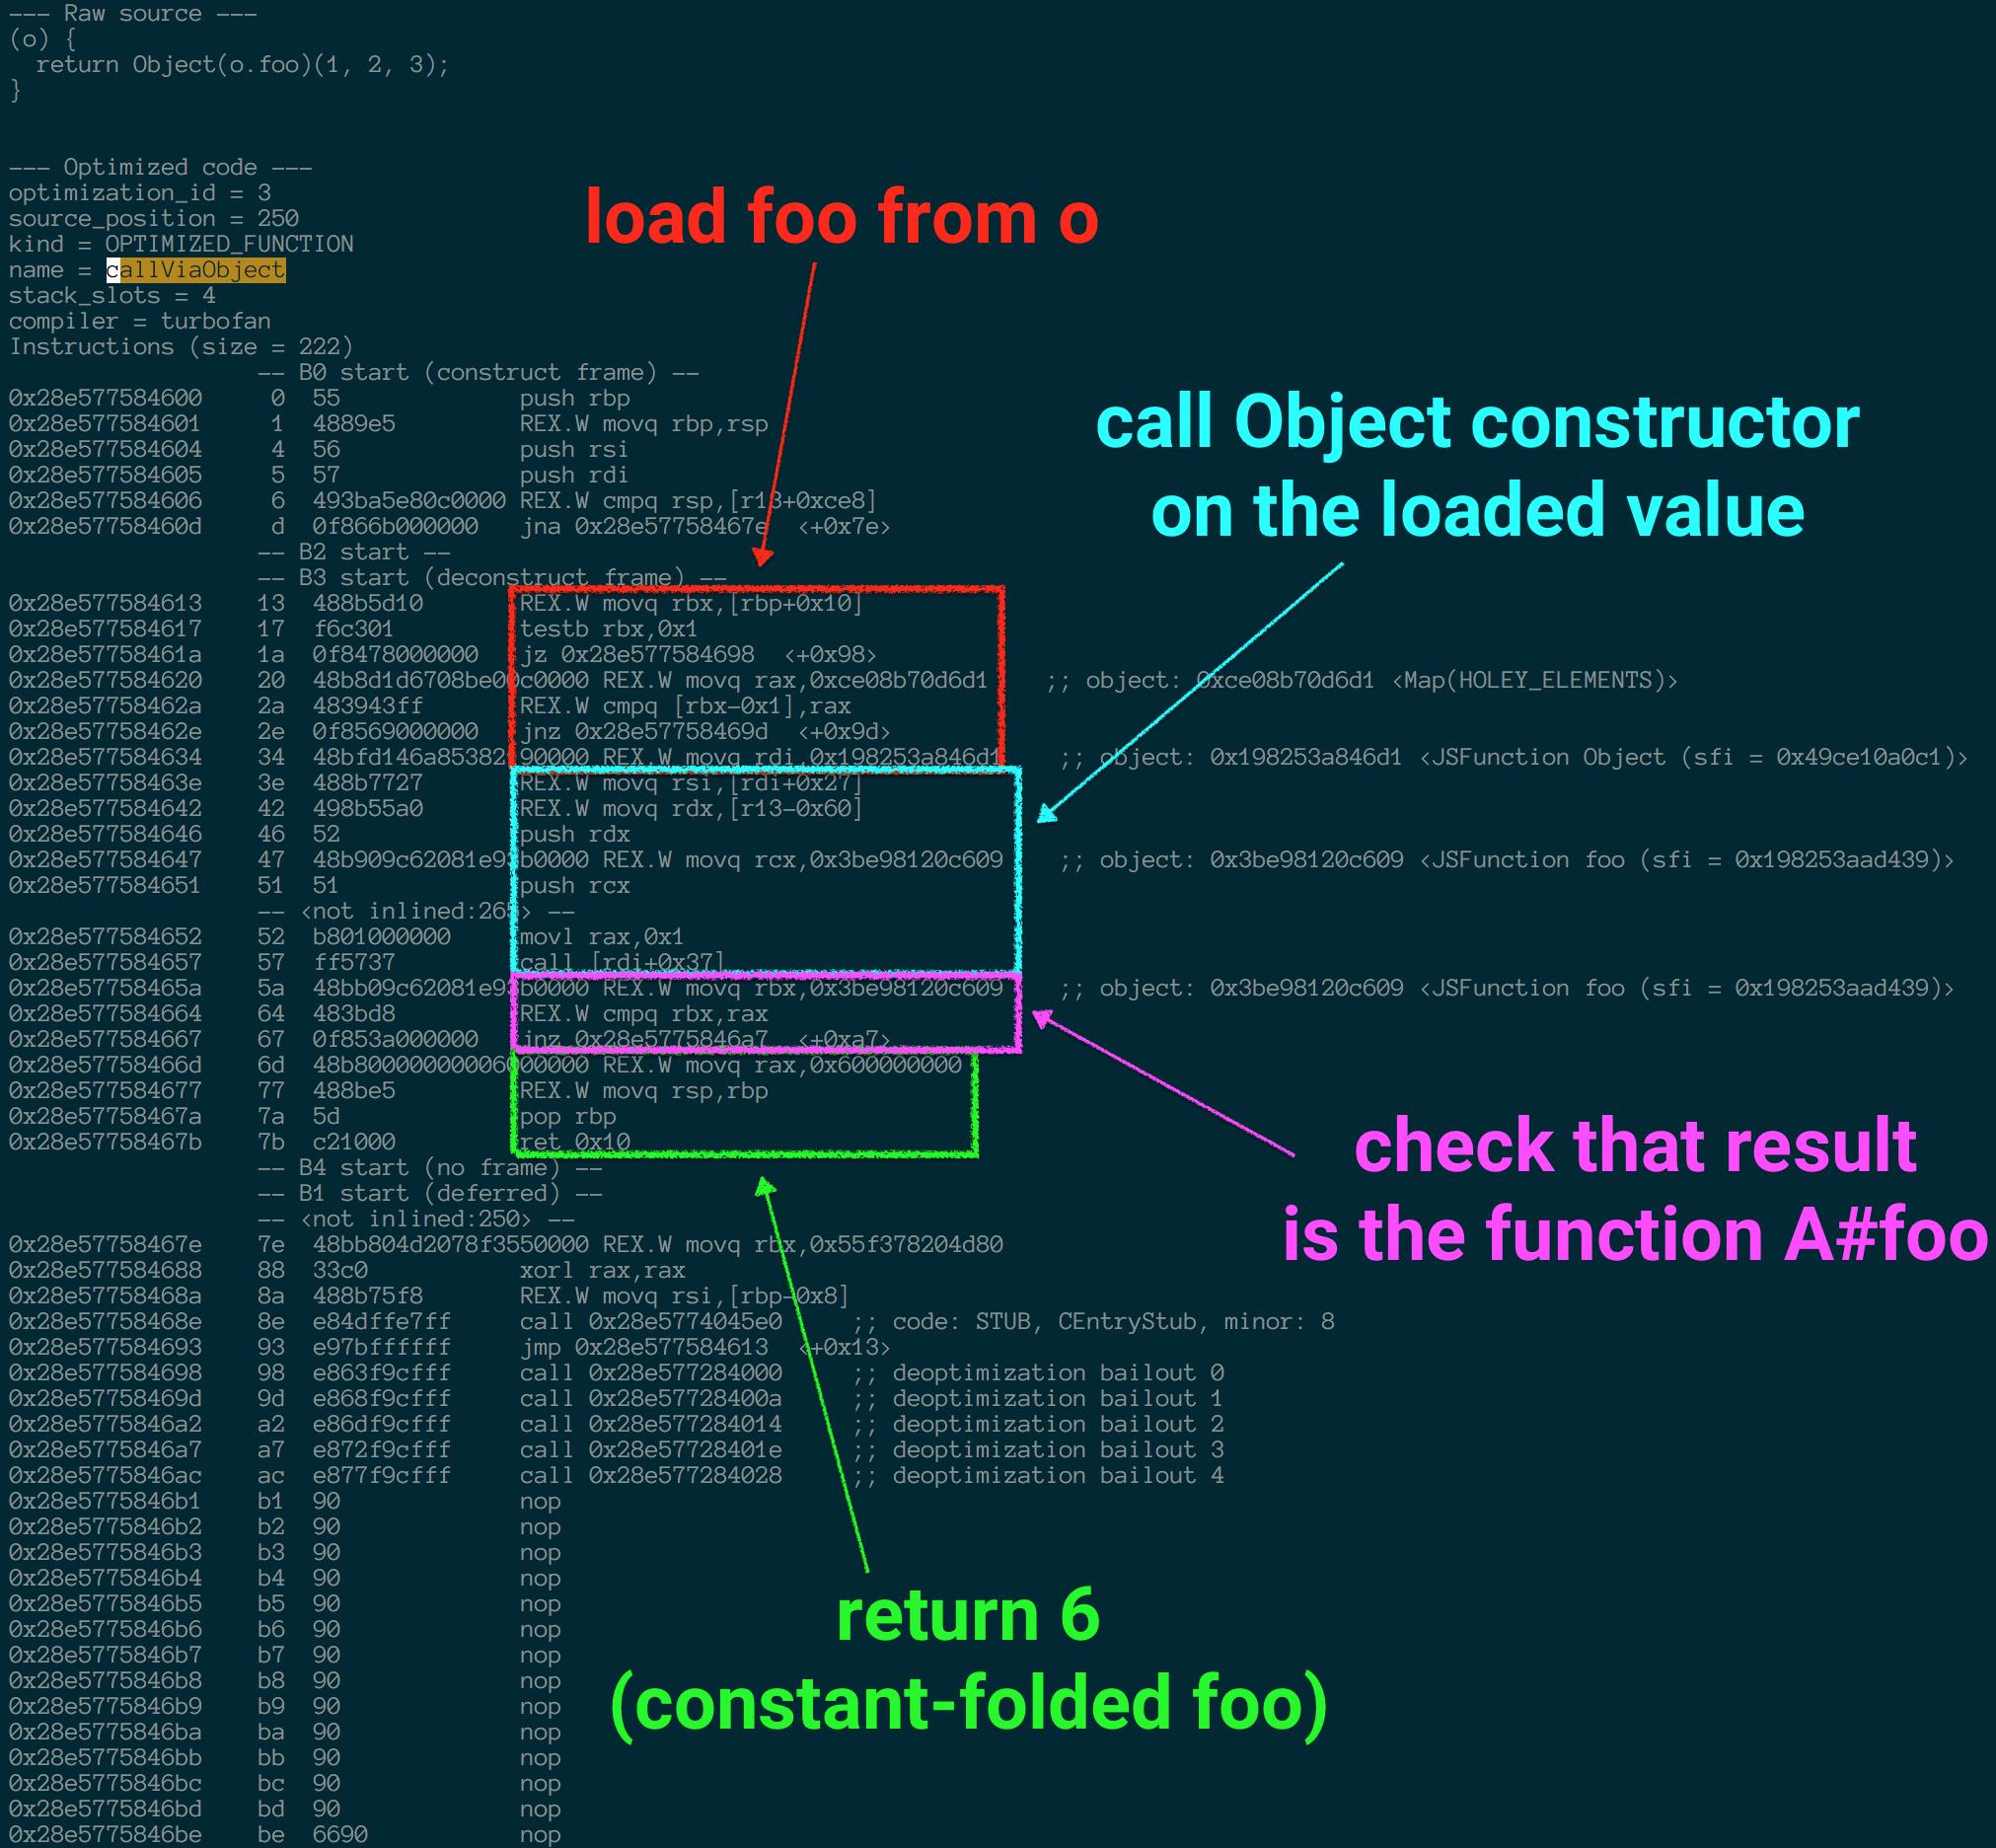 callViaObject optimized code